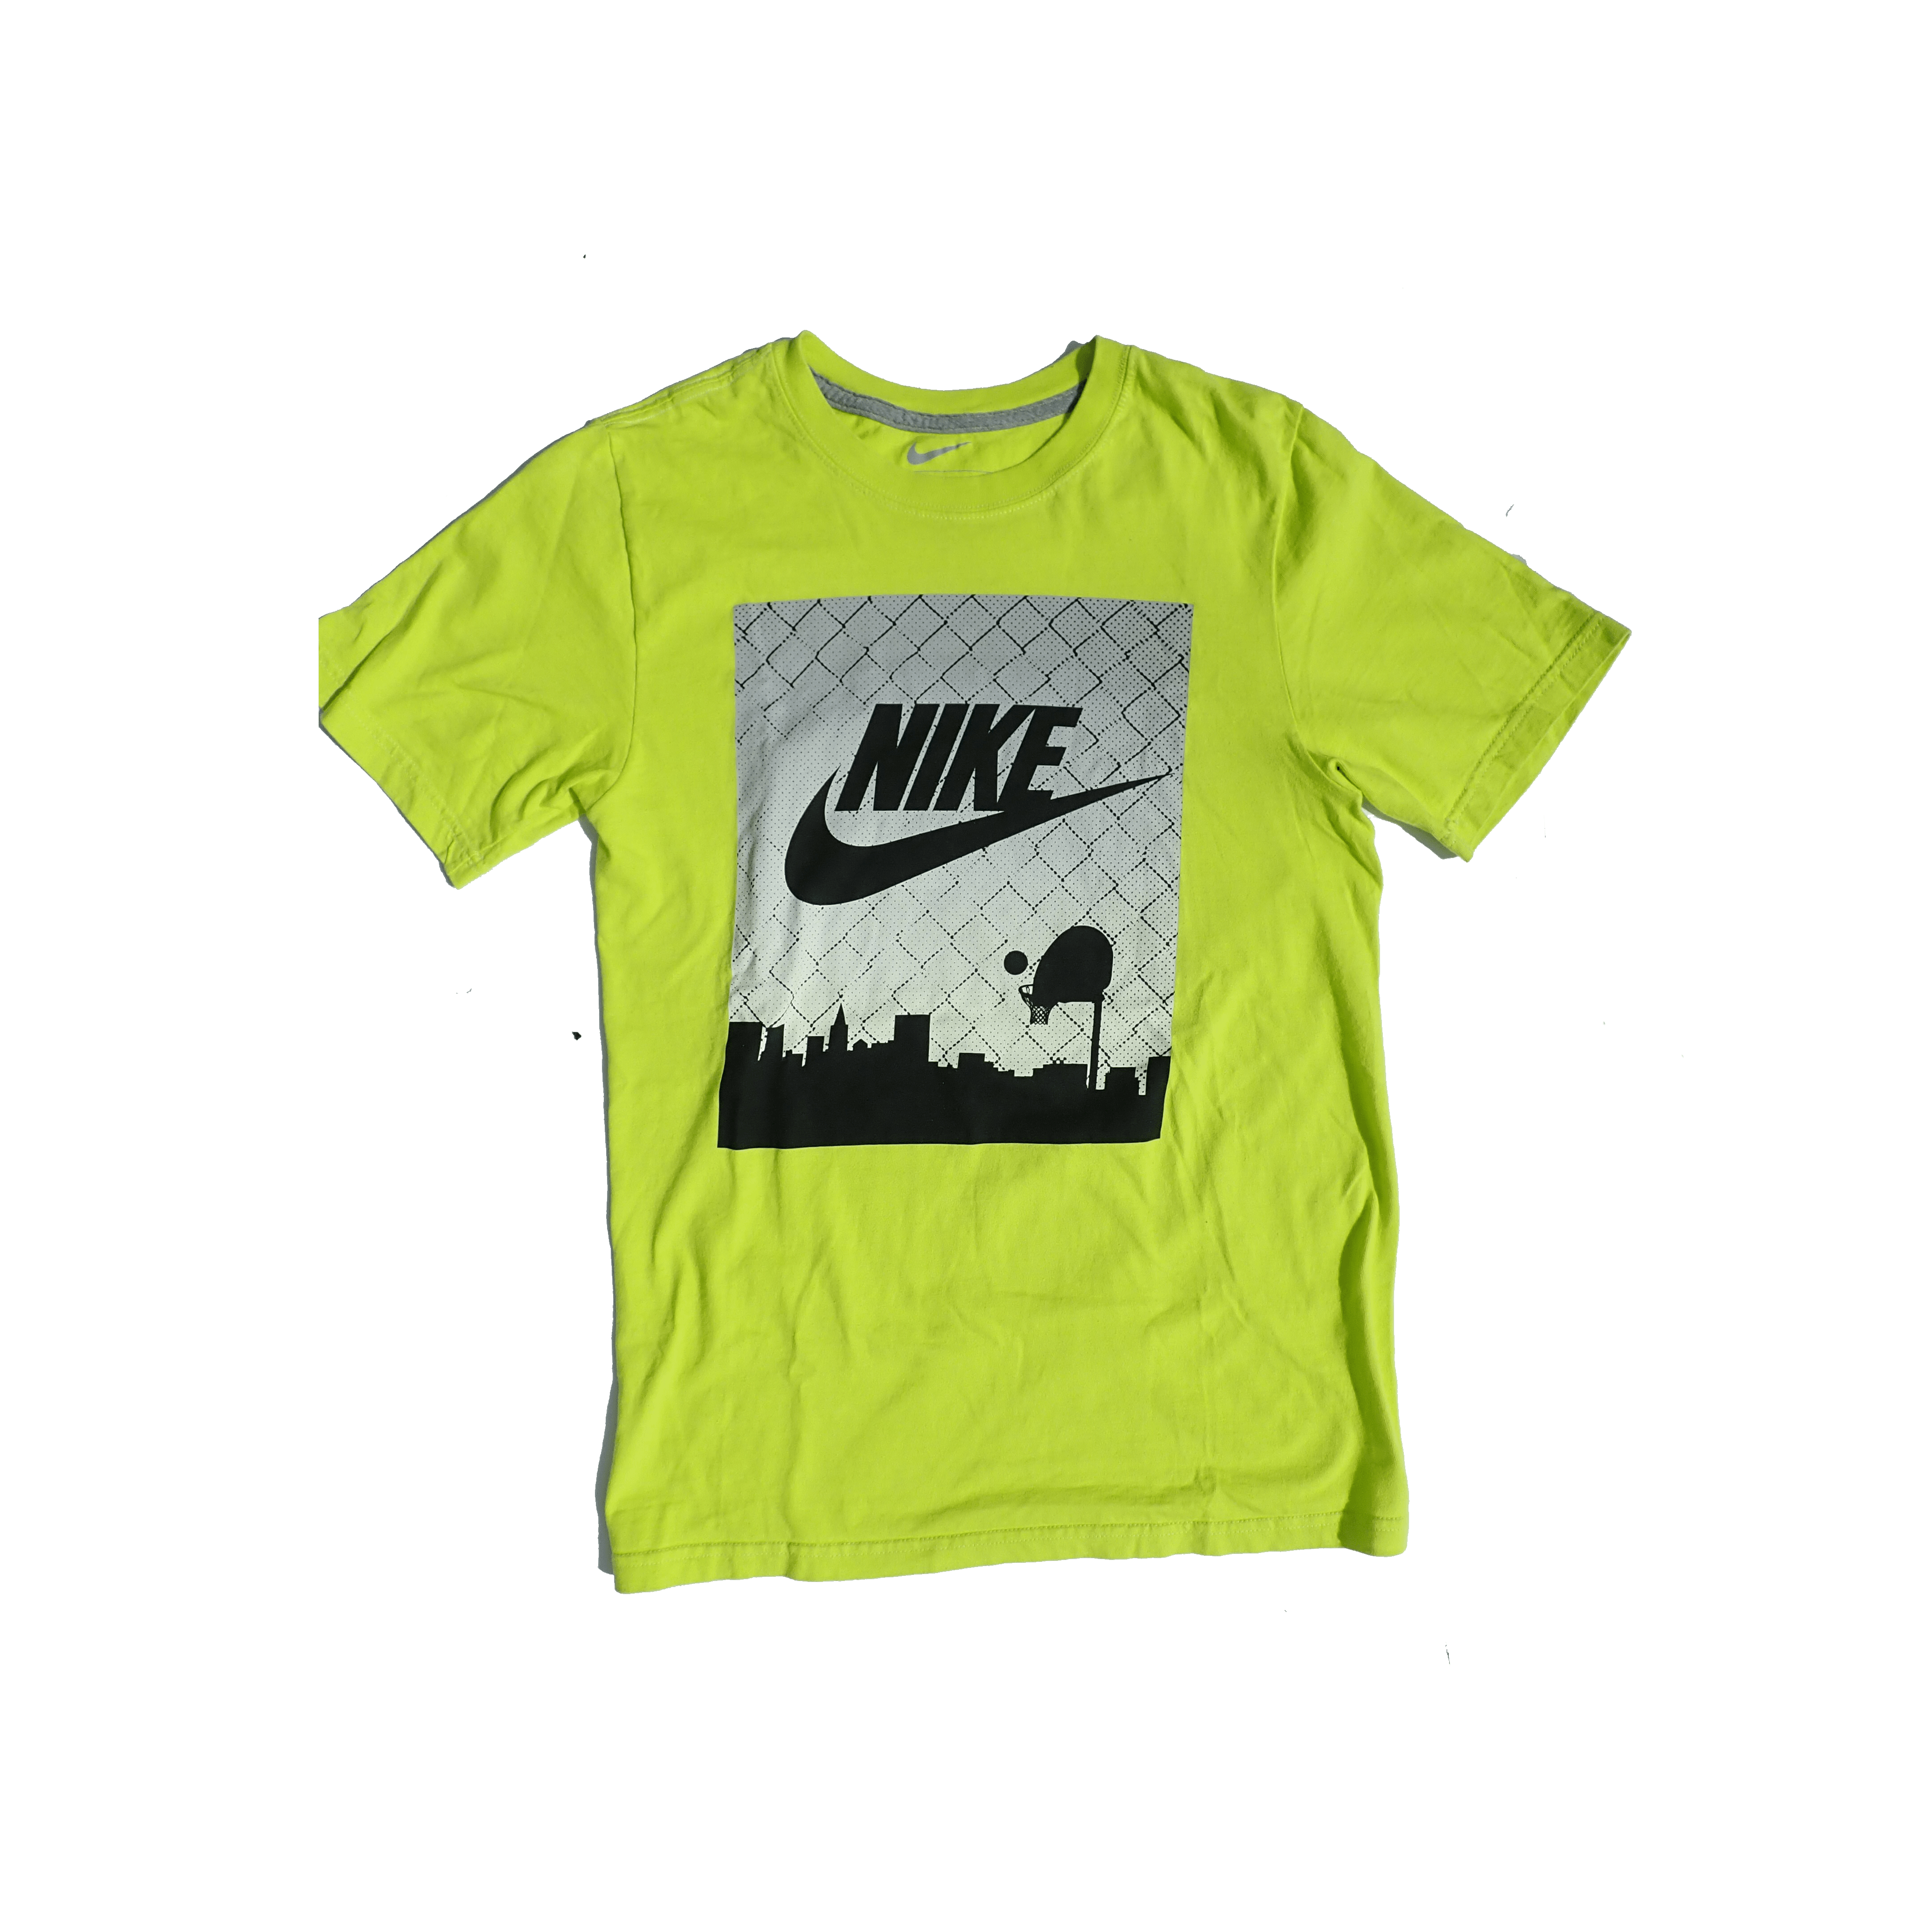 Nike Green T Shirt